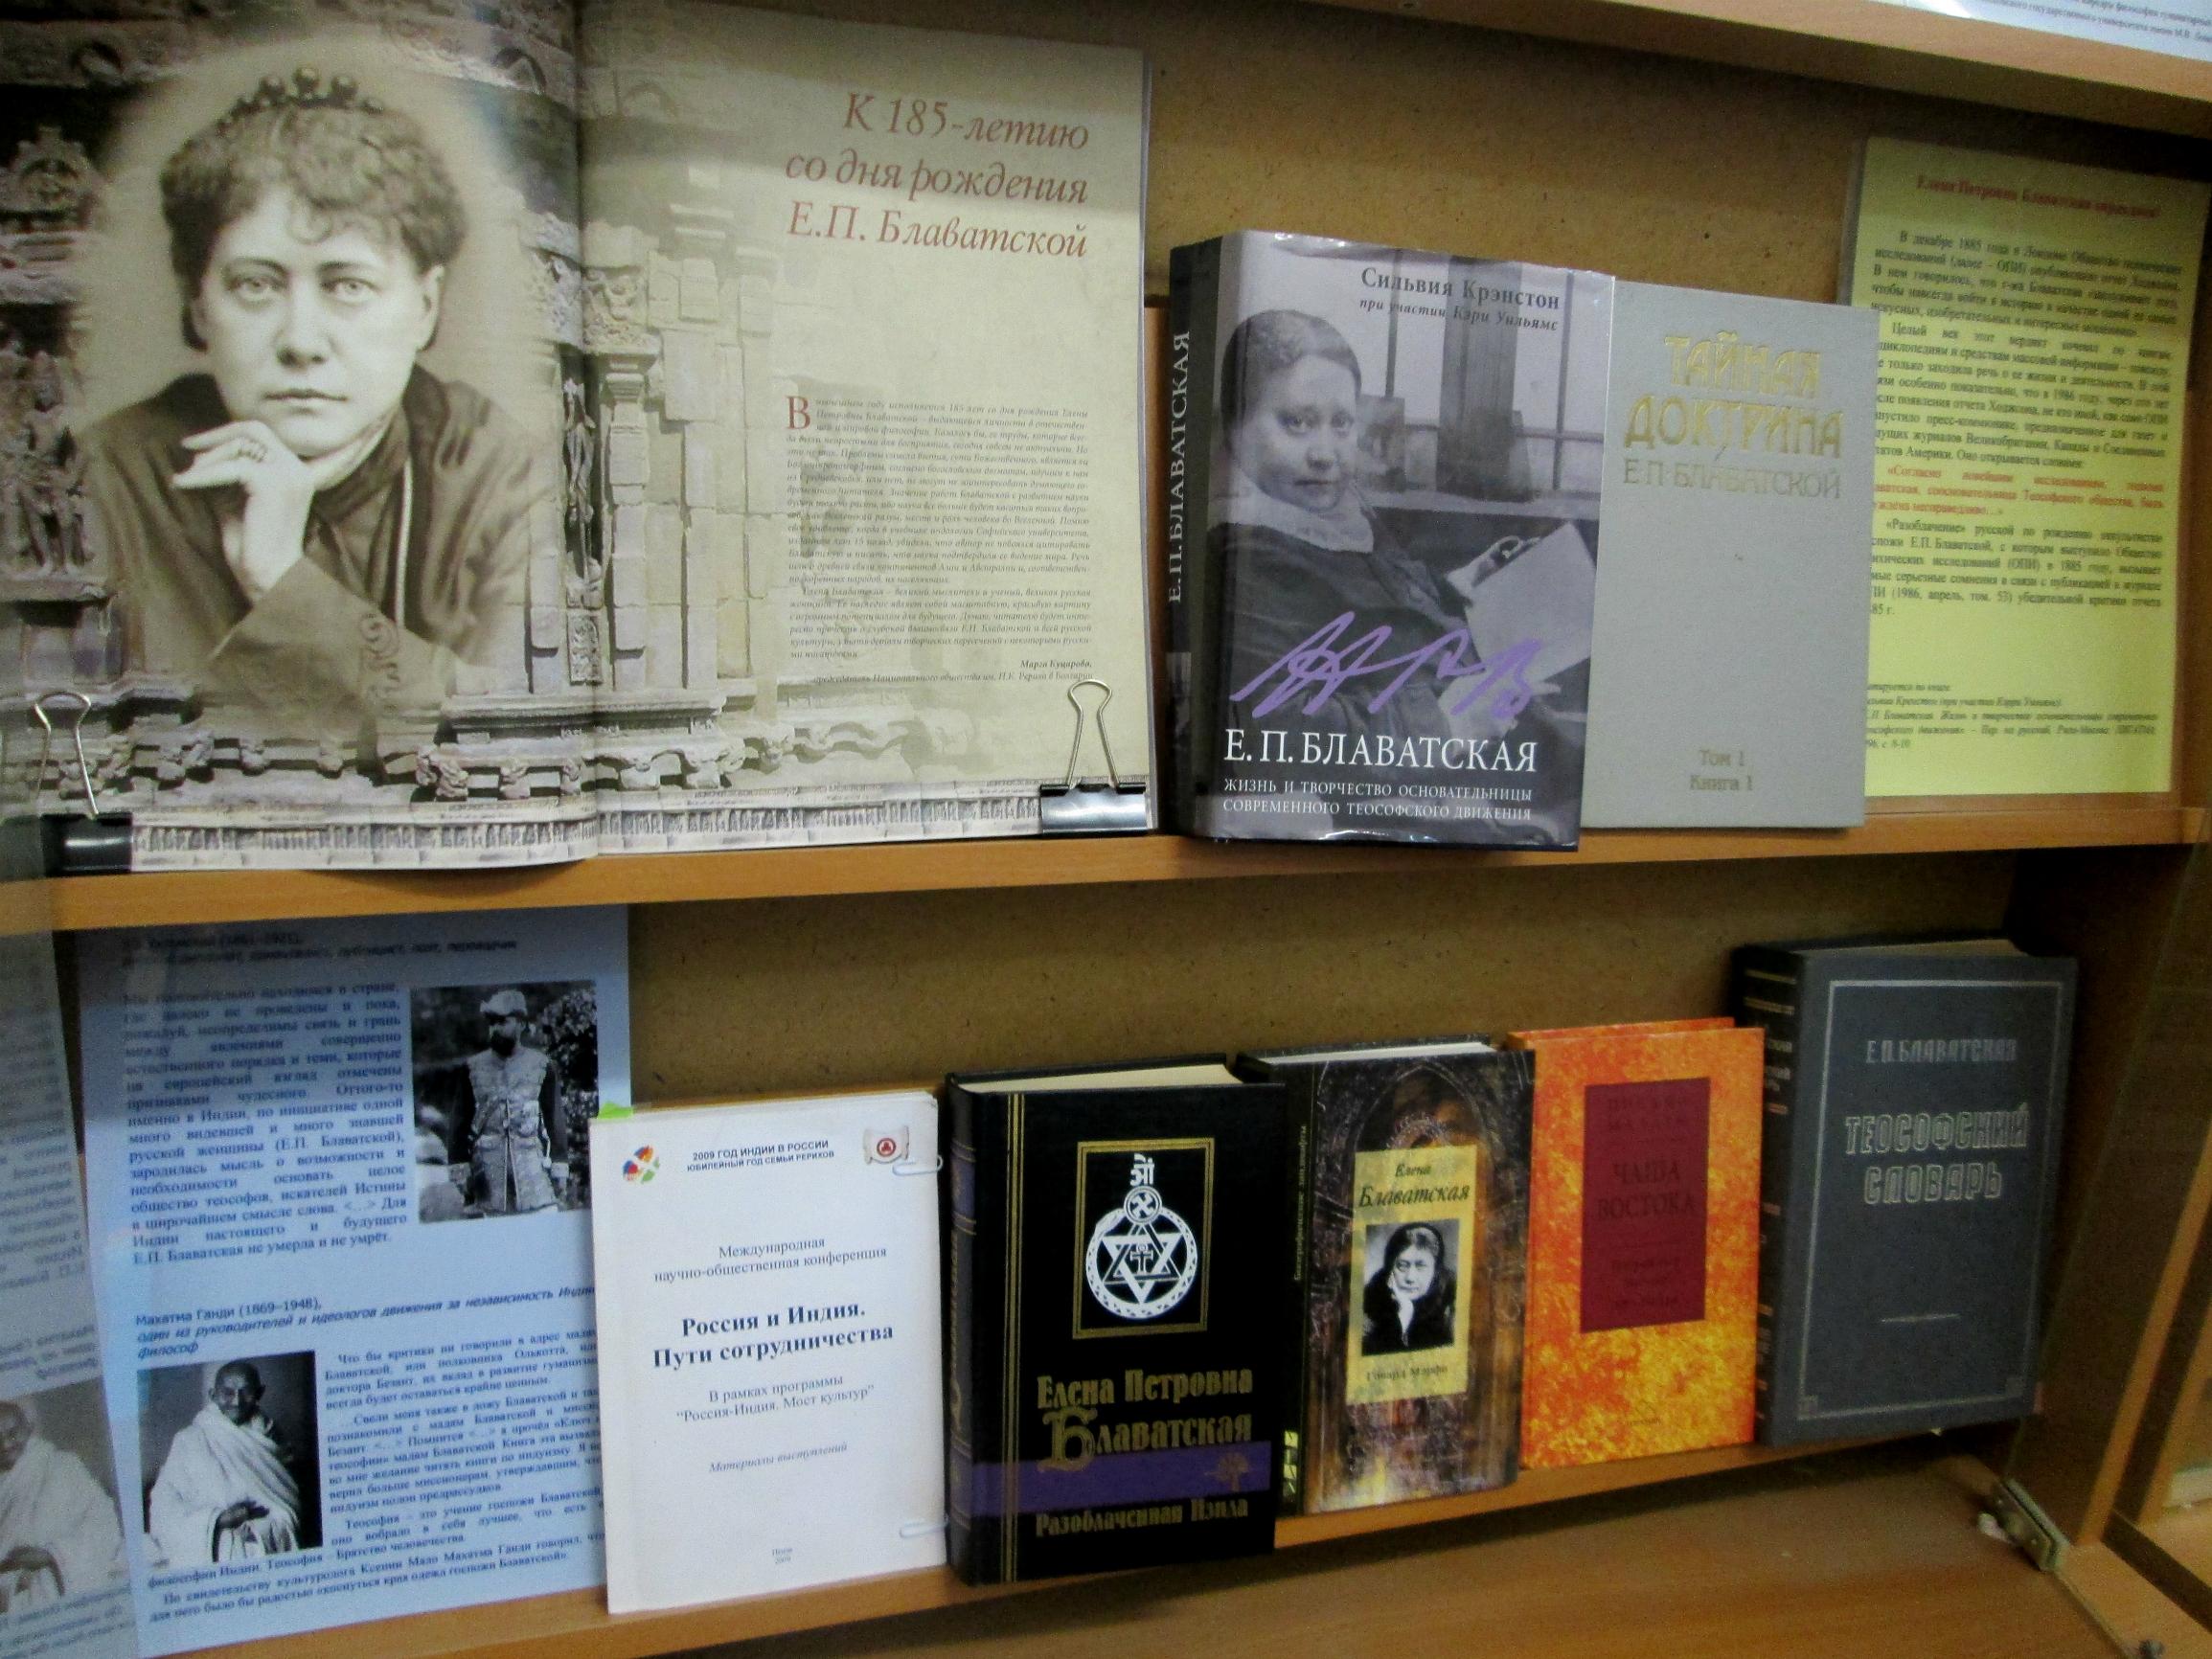 В Ярославском государственном университете имени П.Г. Демидова открылась выставка, посвященная Е.П. Блаватской